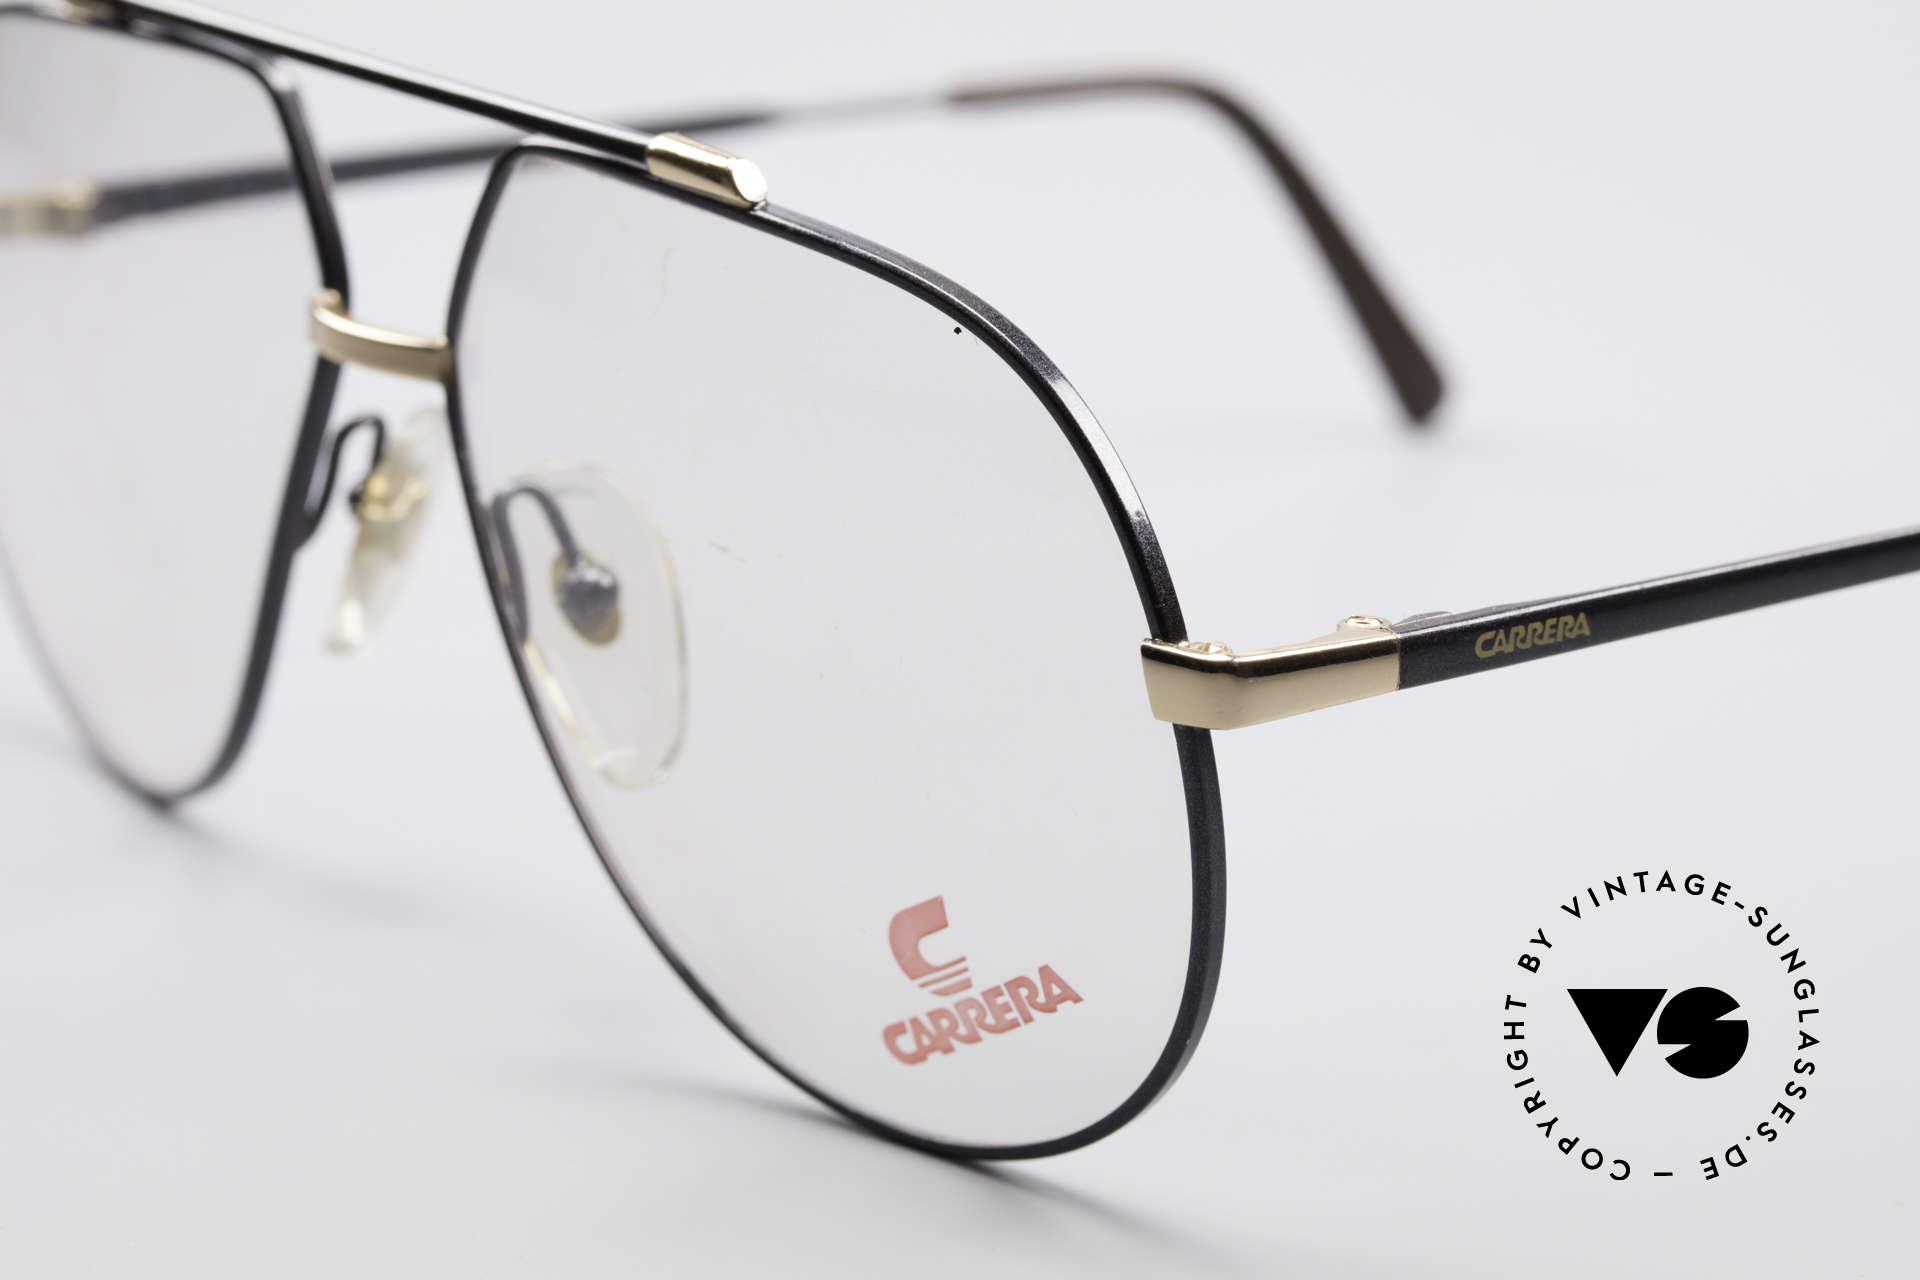 Carrera 5369 Herren Large Vintage Brille, DEMOgläser sollten durch optische ersetzt werden, Passend für Herren